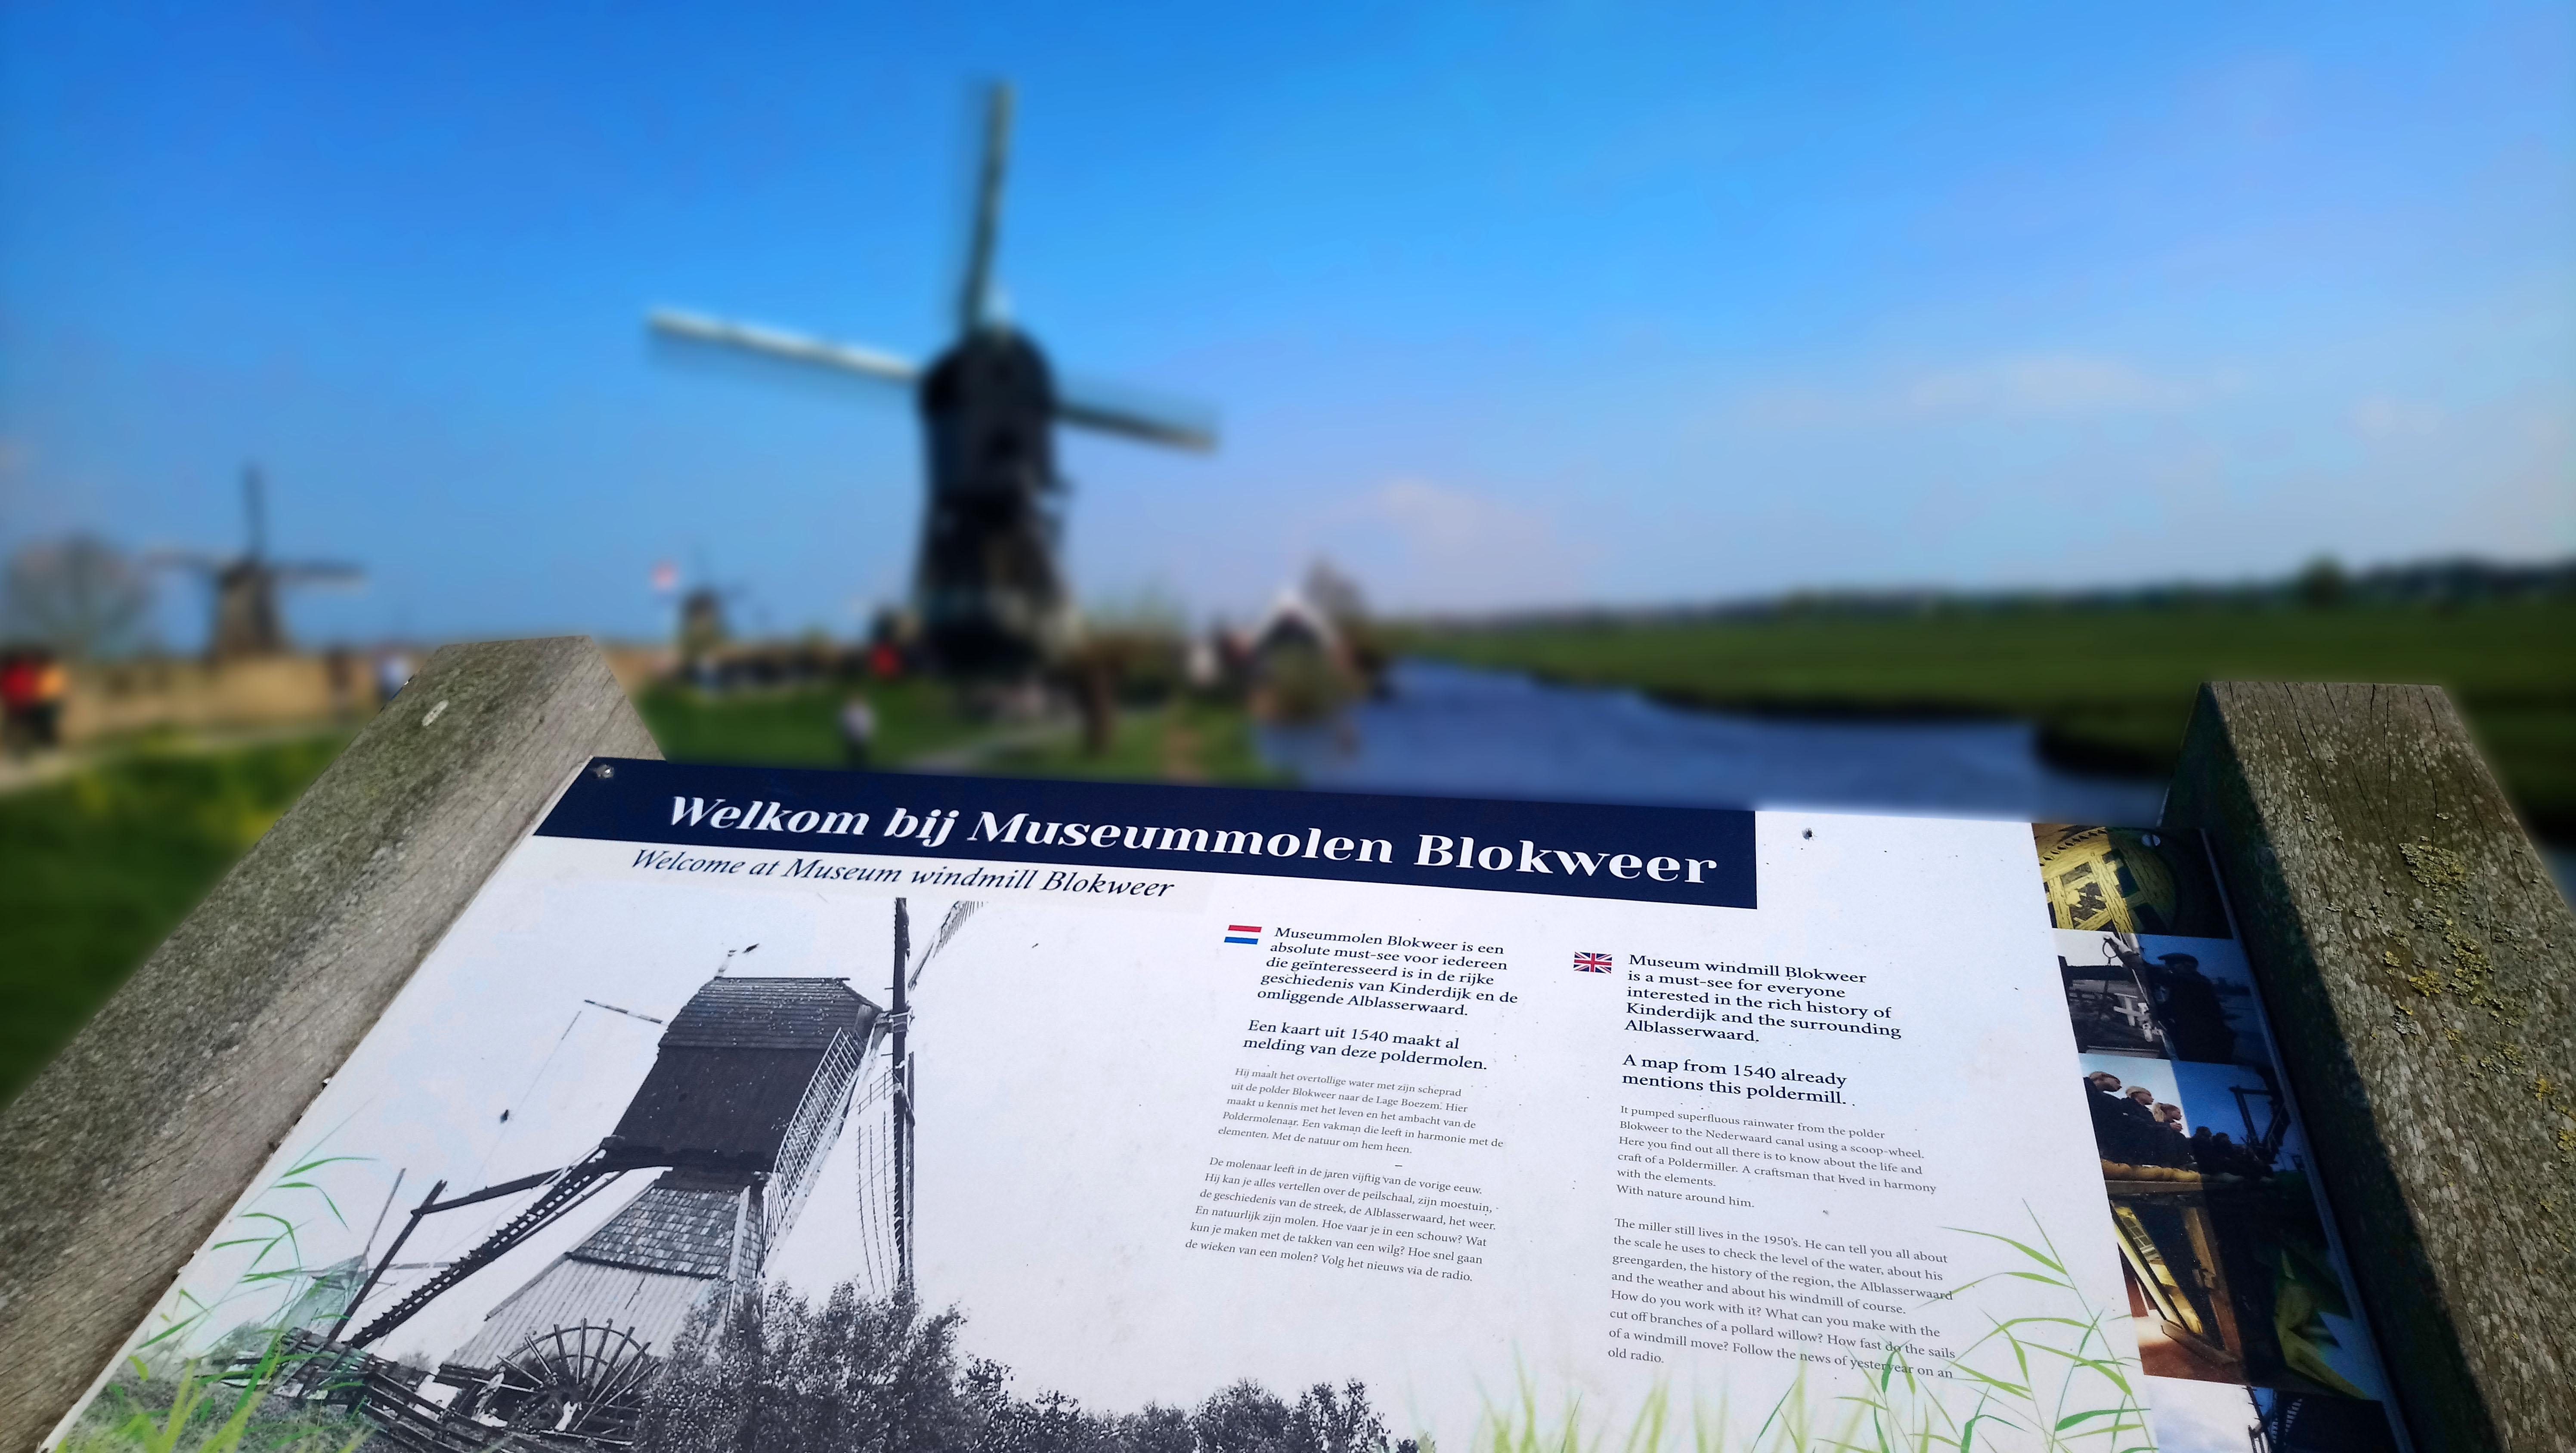 Blokweer Museum Kinderdijk